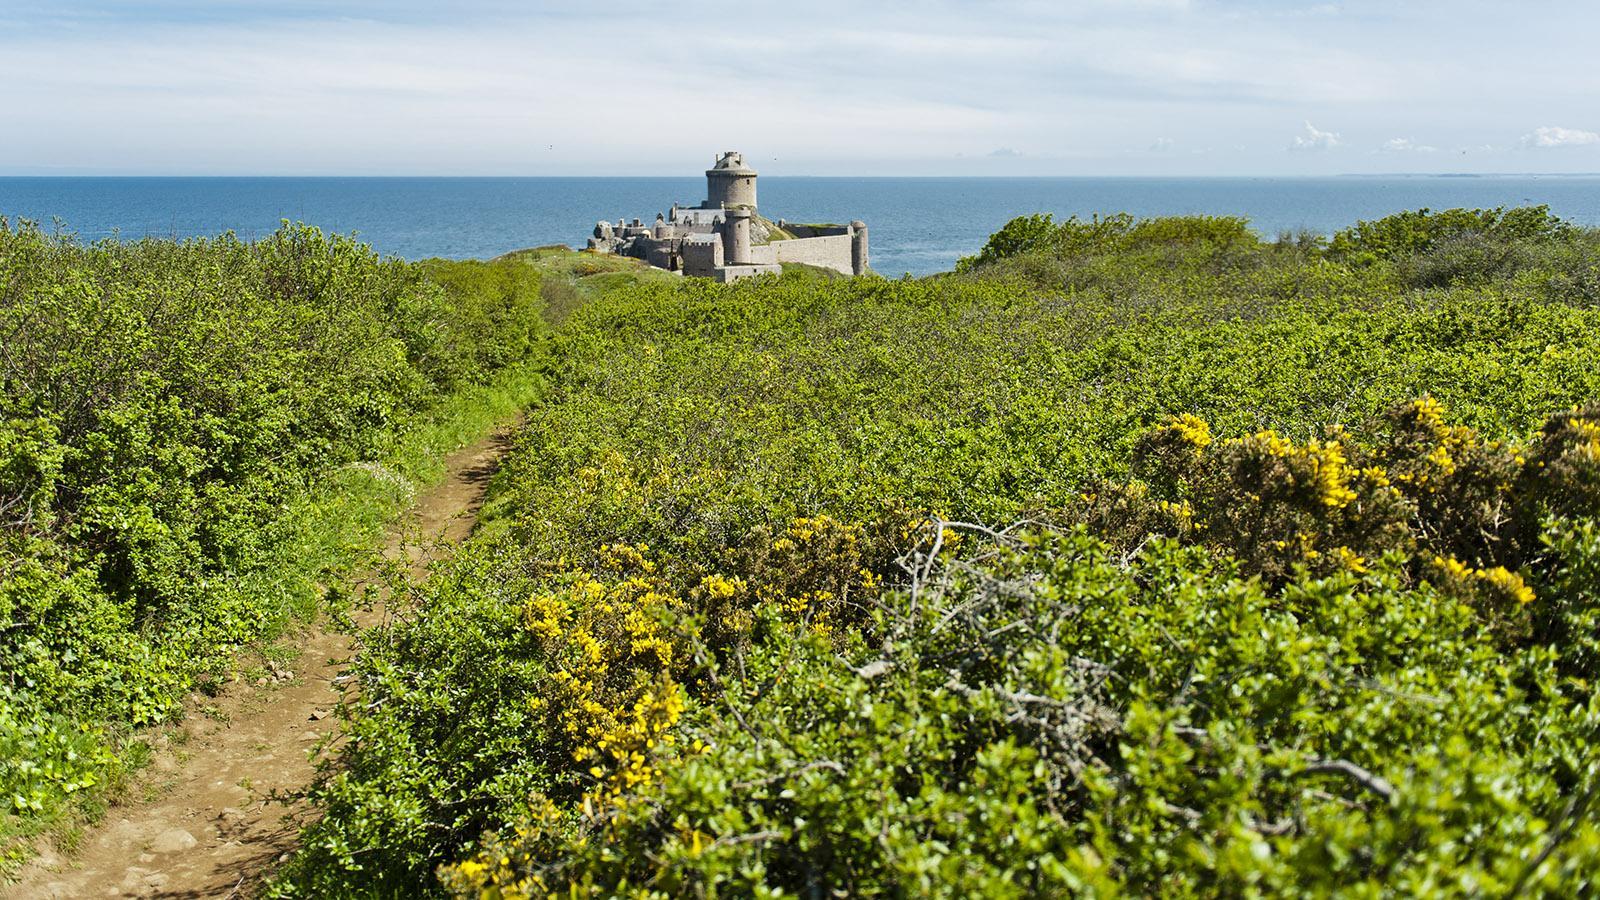 Eingebettet in wildes Grün und gelb blühenden Ginster: das Fort La Latte an der GR 34. Foto: Hilke Maunder